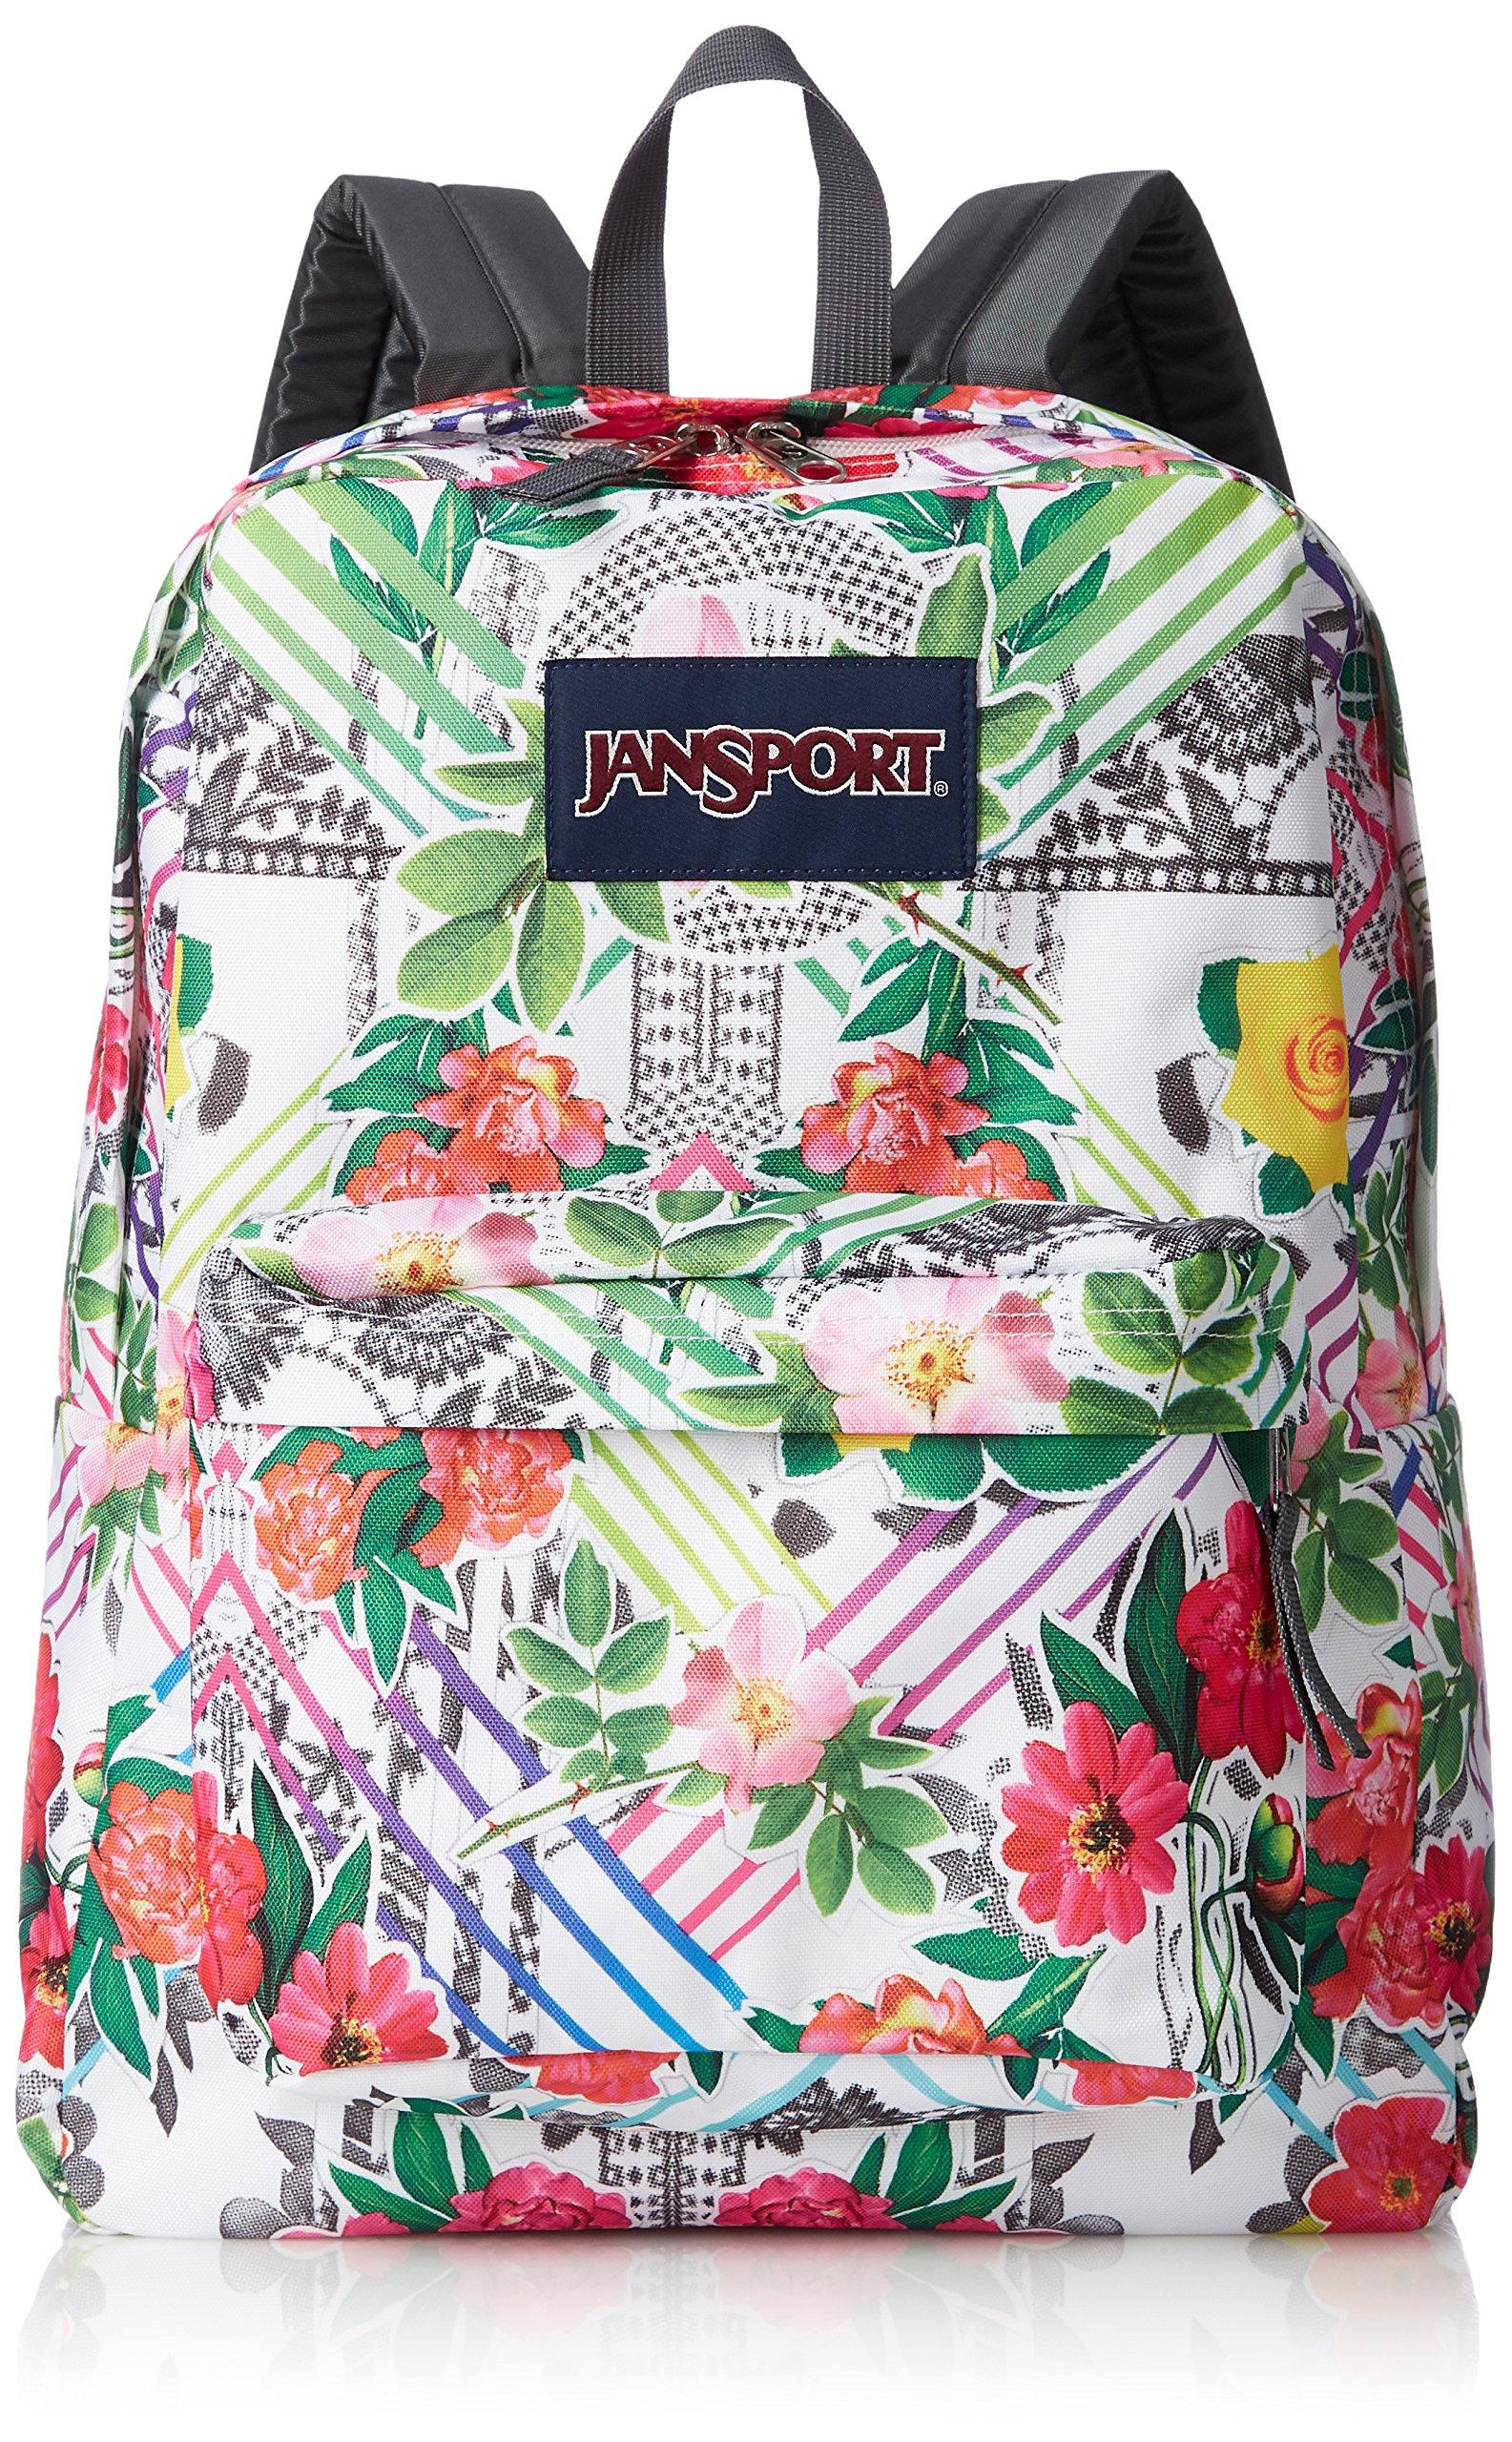 JanSport Superbreak Backpack- Sale Colors (Collage Floral)